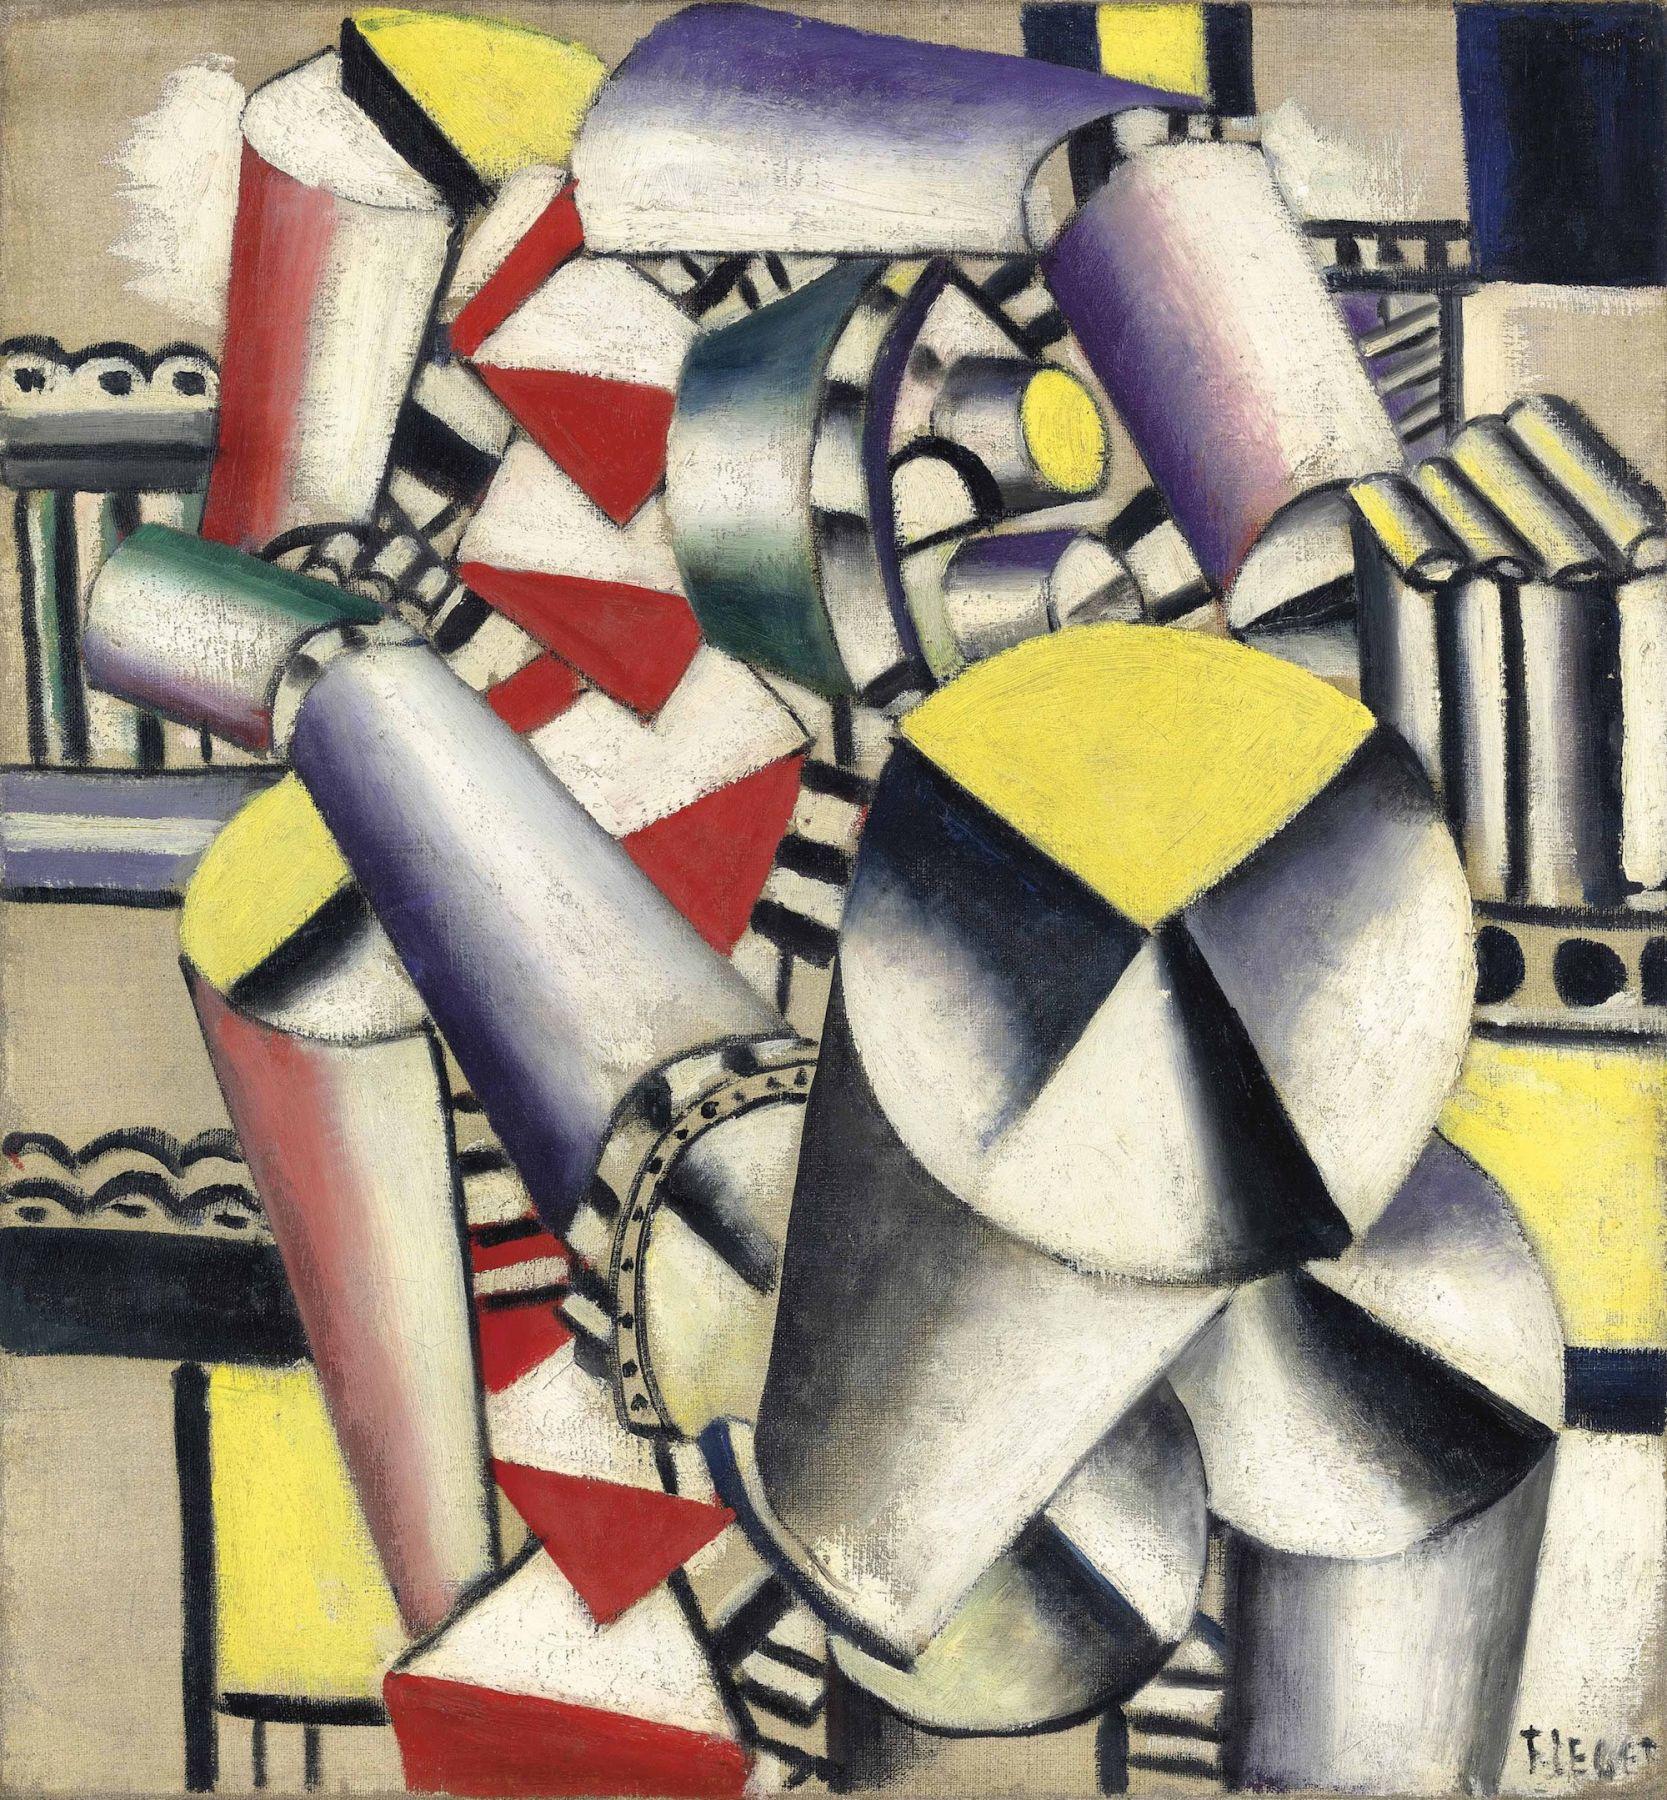 Fernand Leger, Les Cylindres Colorés, 1918